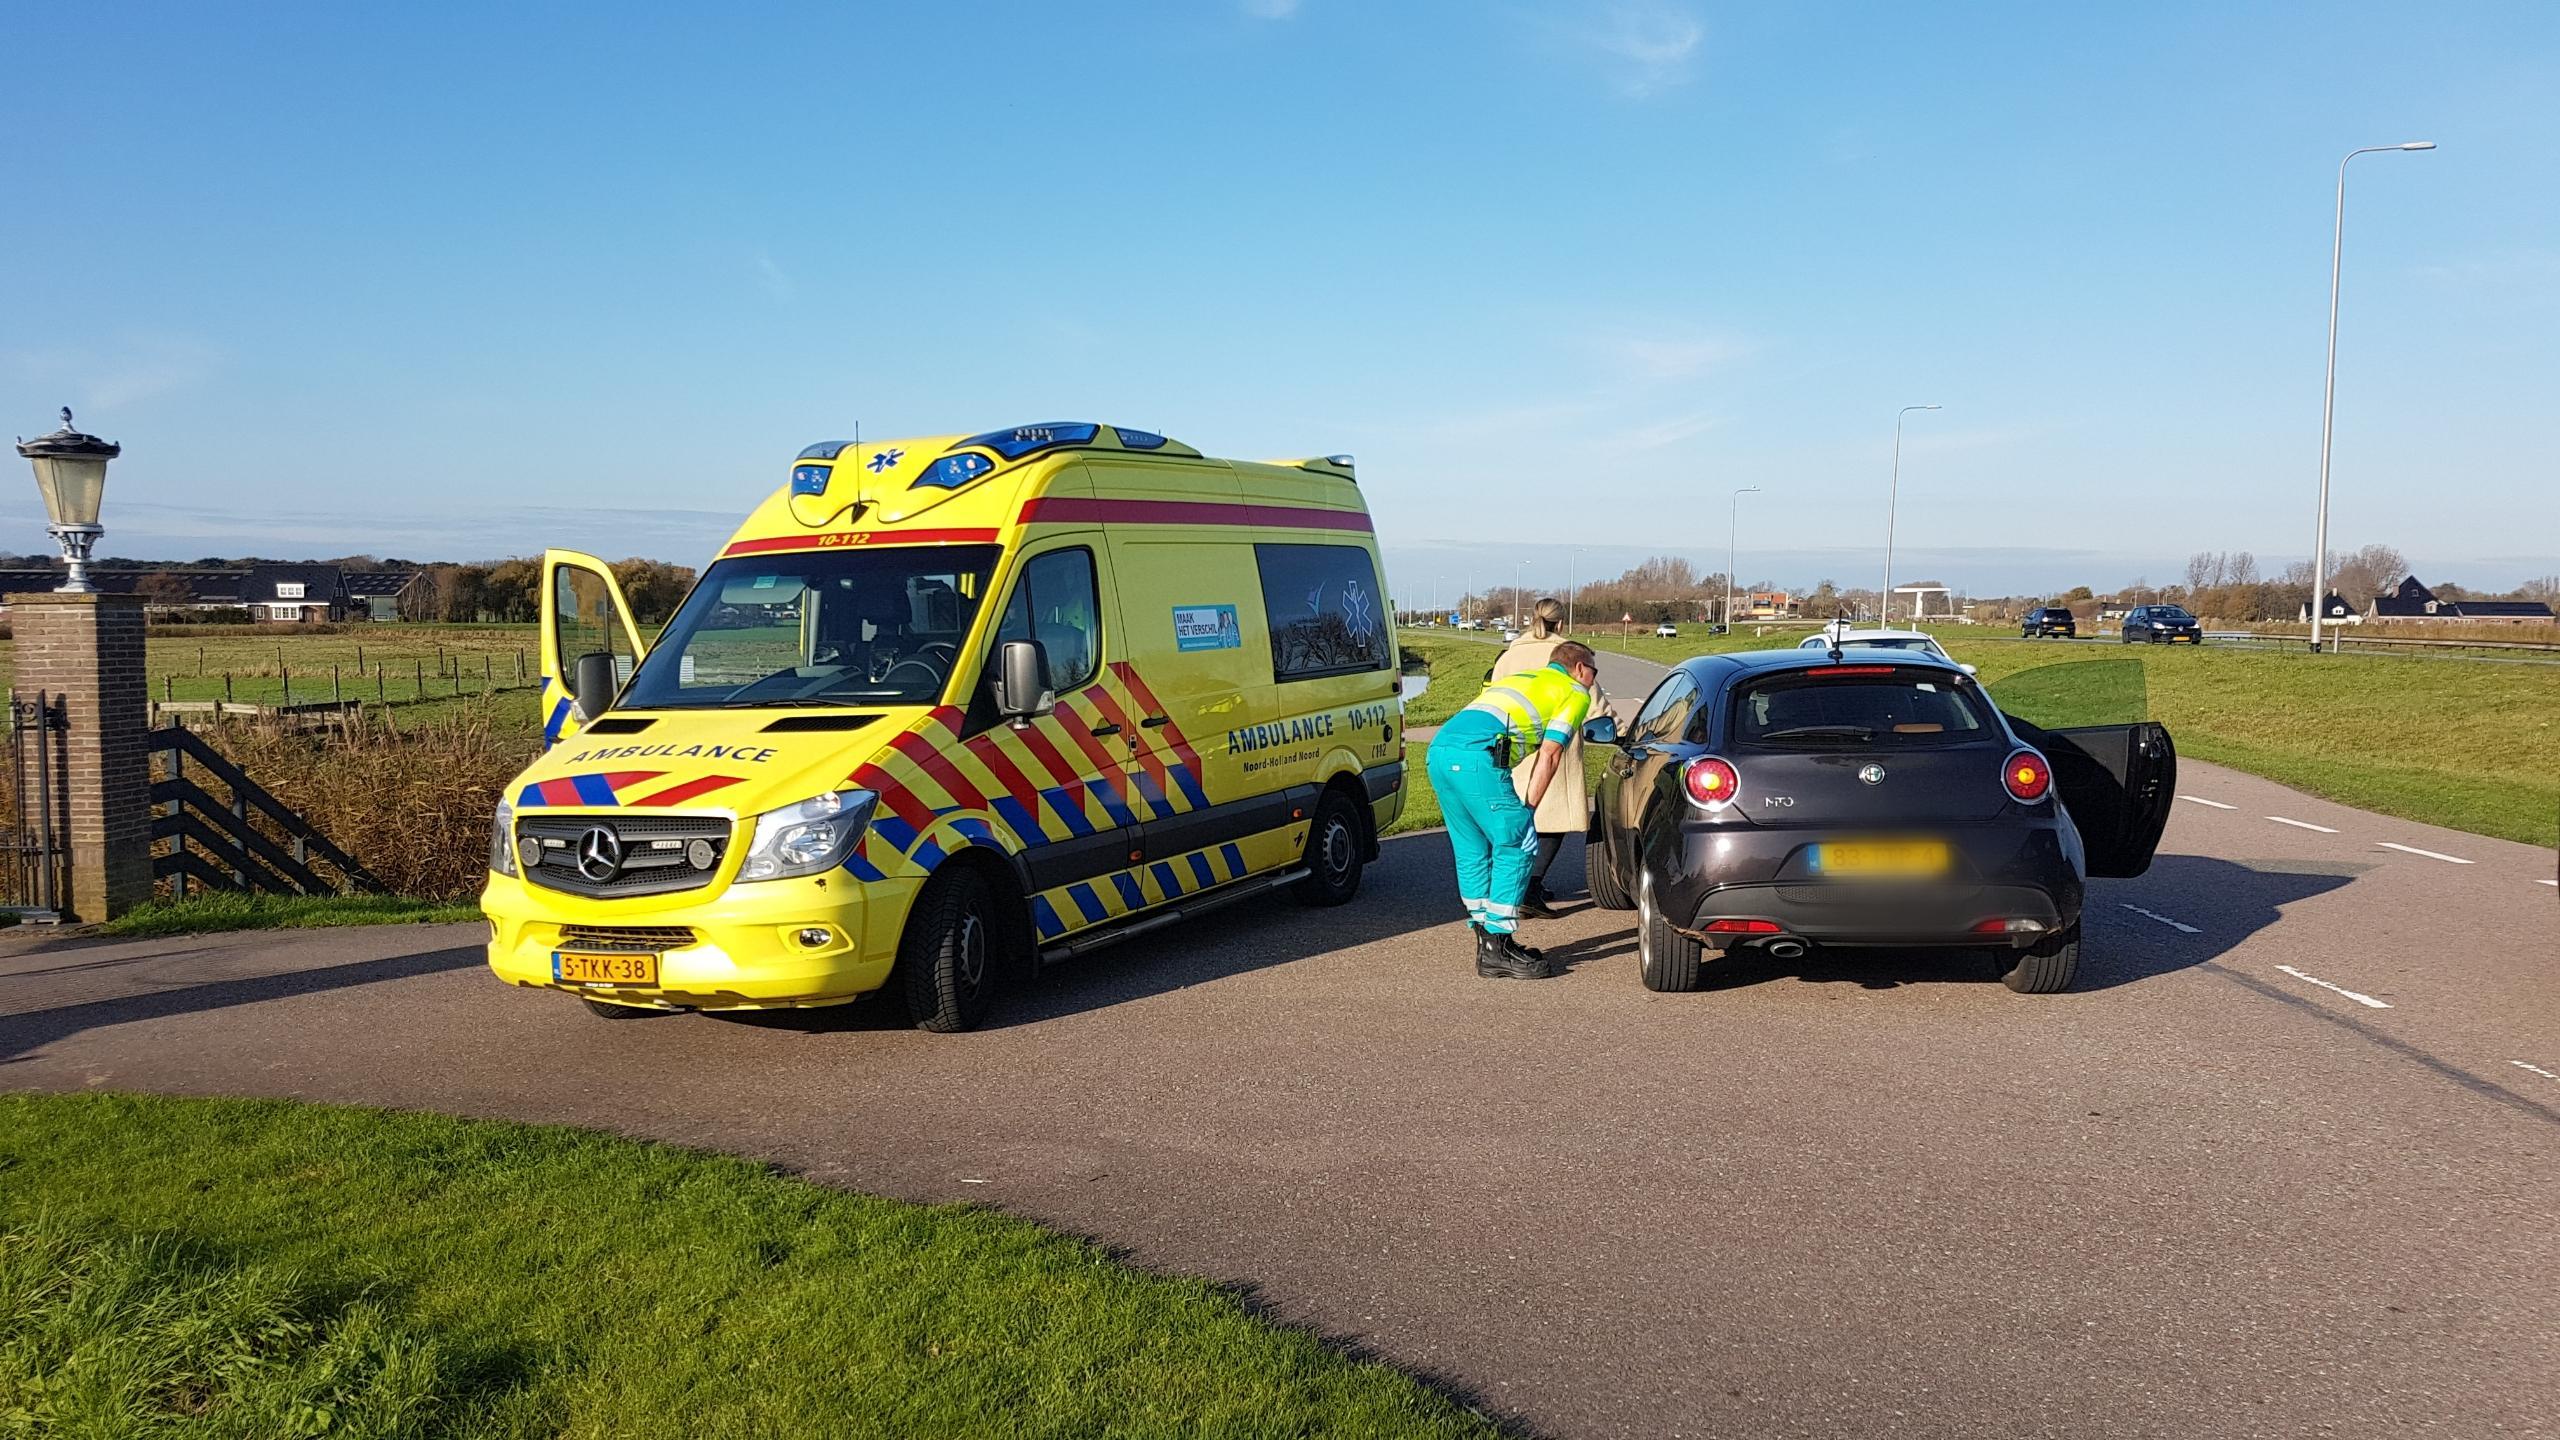 Hoogzwangere vrouw lichtgewond bij aanrijding, bestuurder rijdt door